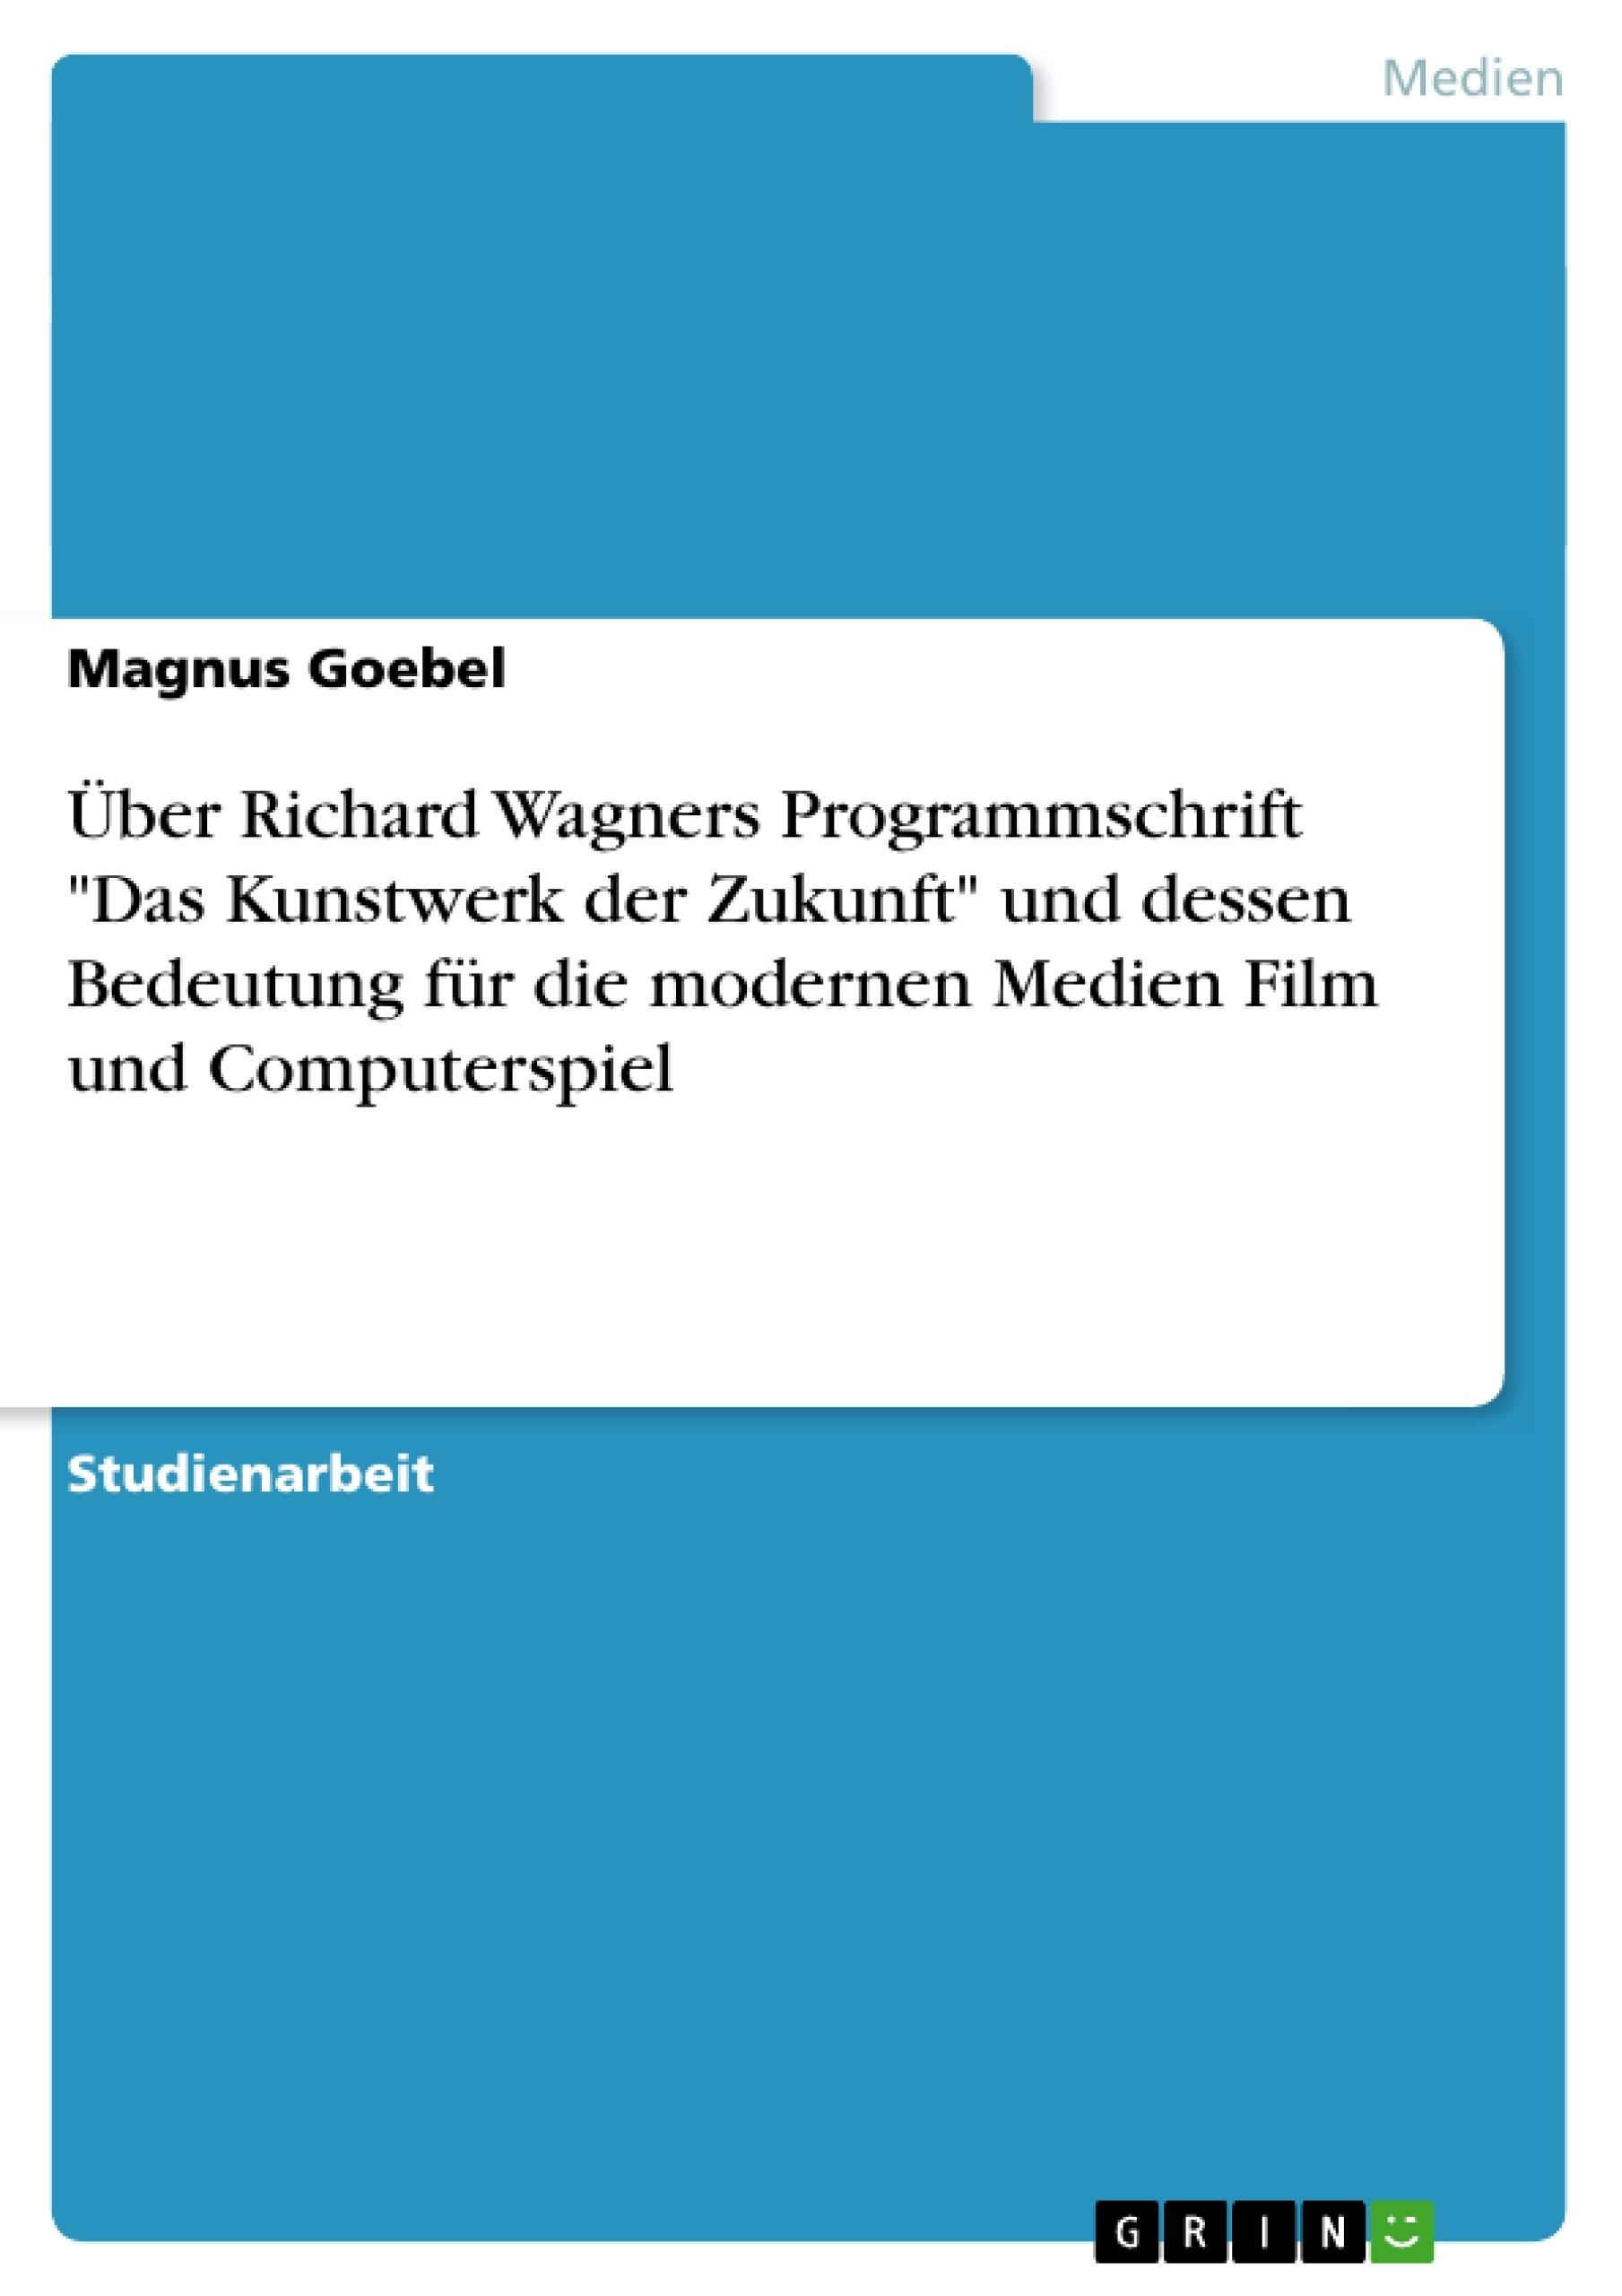 """Titel: Über Richard Wagners Programmschrift """"Das Kunstwerk der Zukunft"""" und dessen Bedeutung für die modernen Medien Film und Computerspiel"""